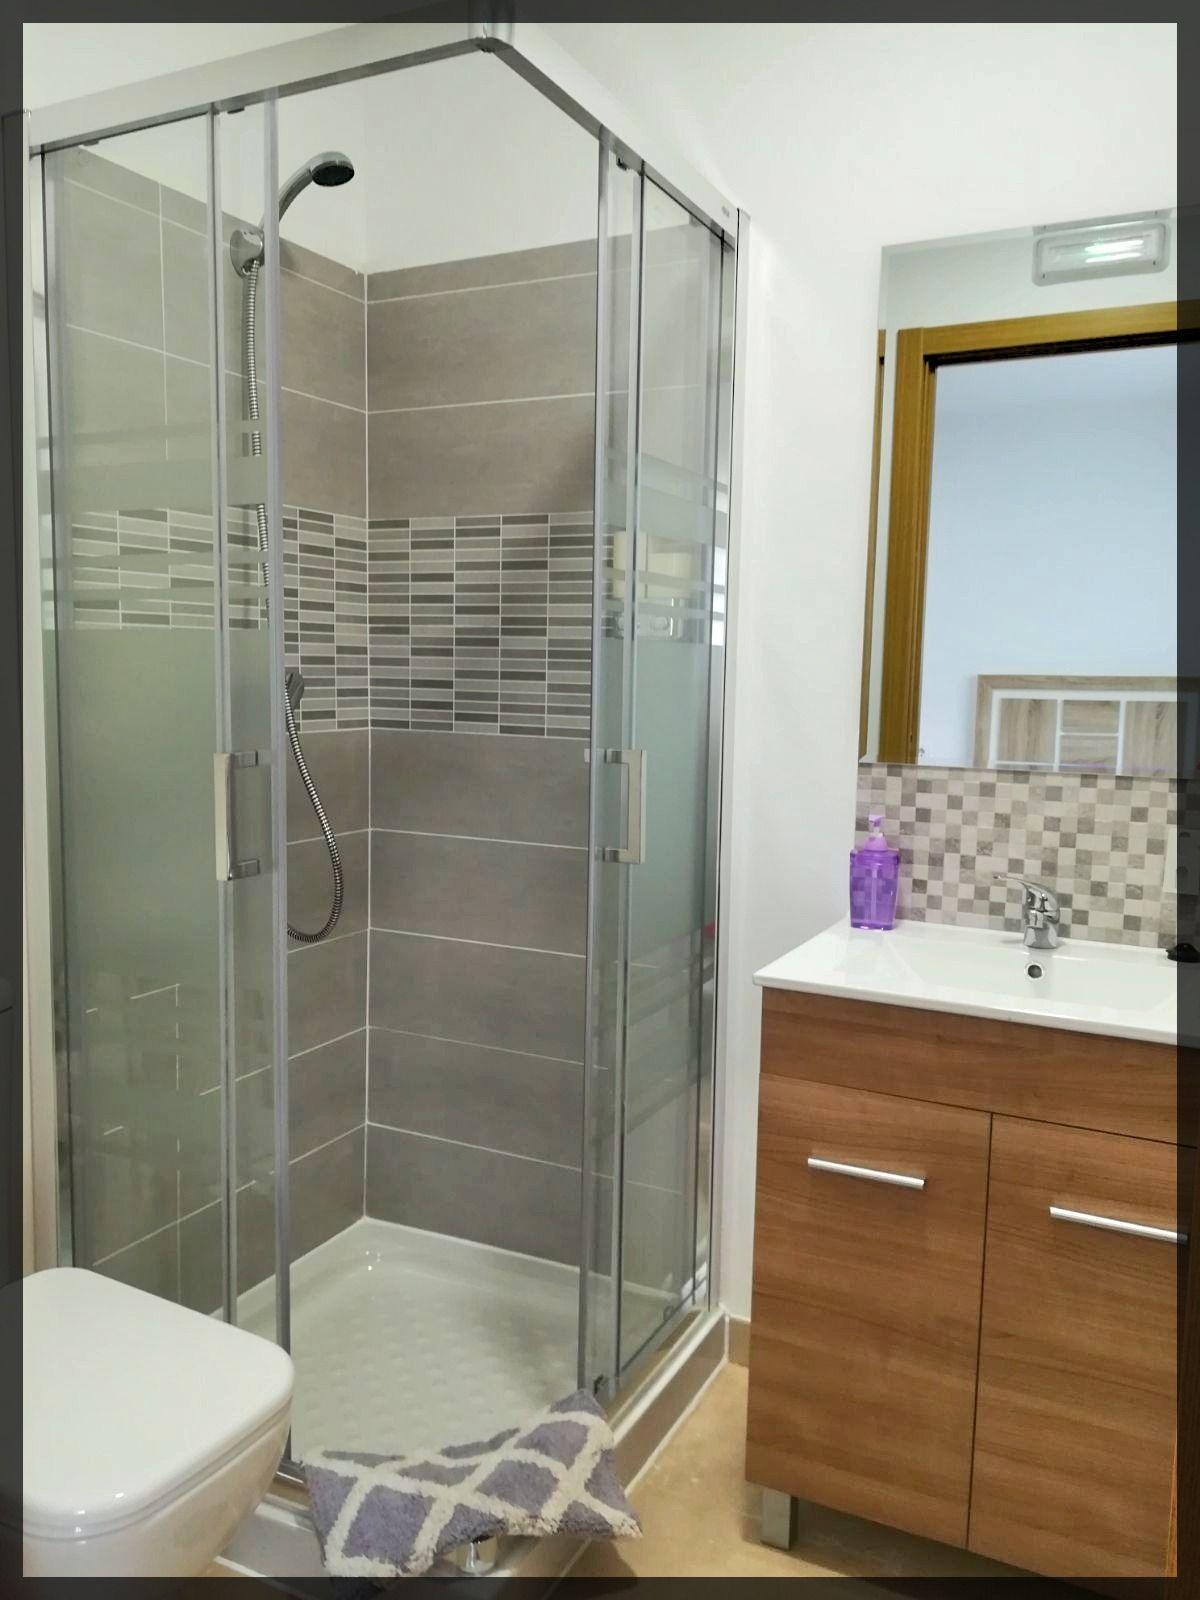 Habitaciones Con Bano Privado Rooms With Private Bathroom